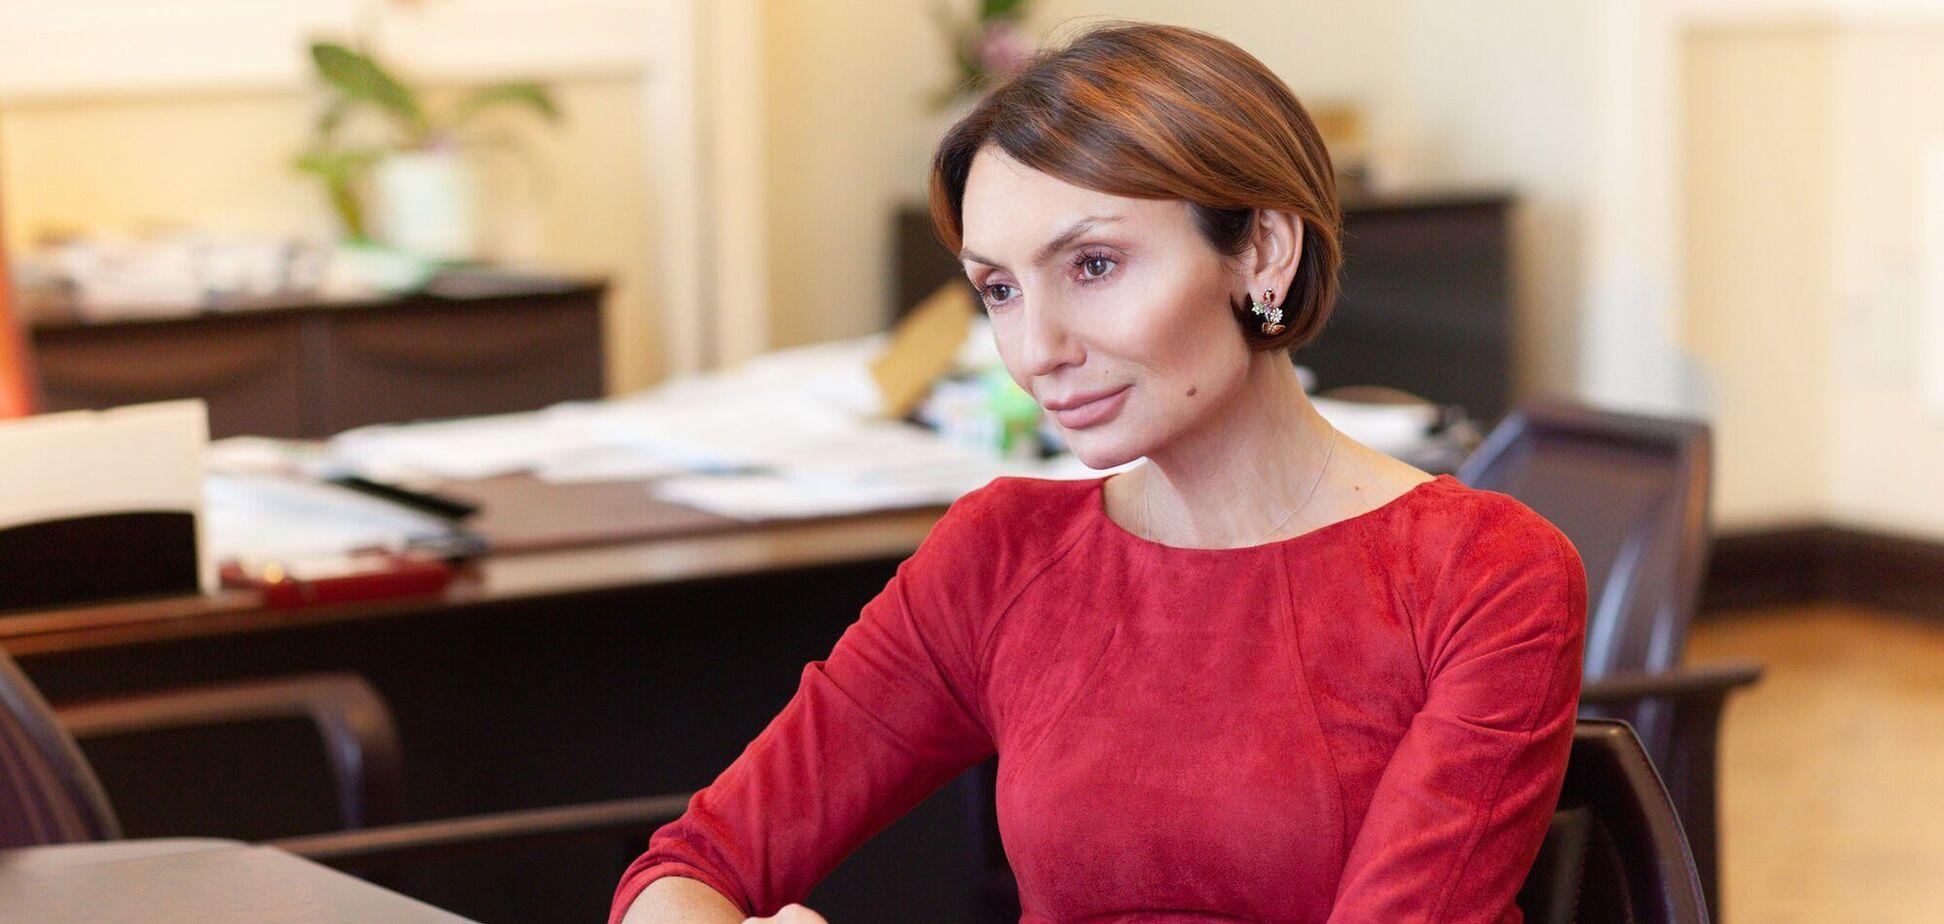 В НБУ есть немало оснований для отстранения Рожковой, – блогер